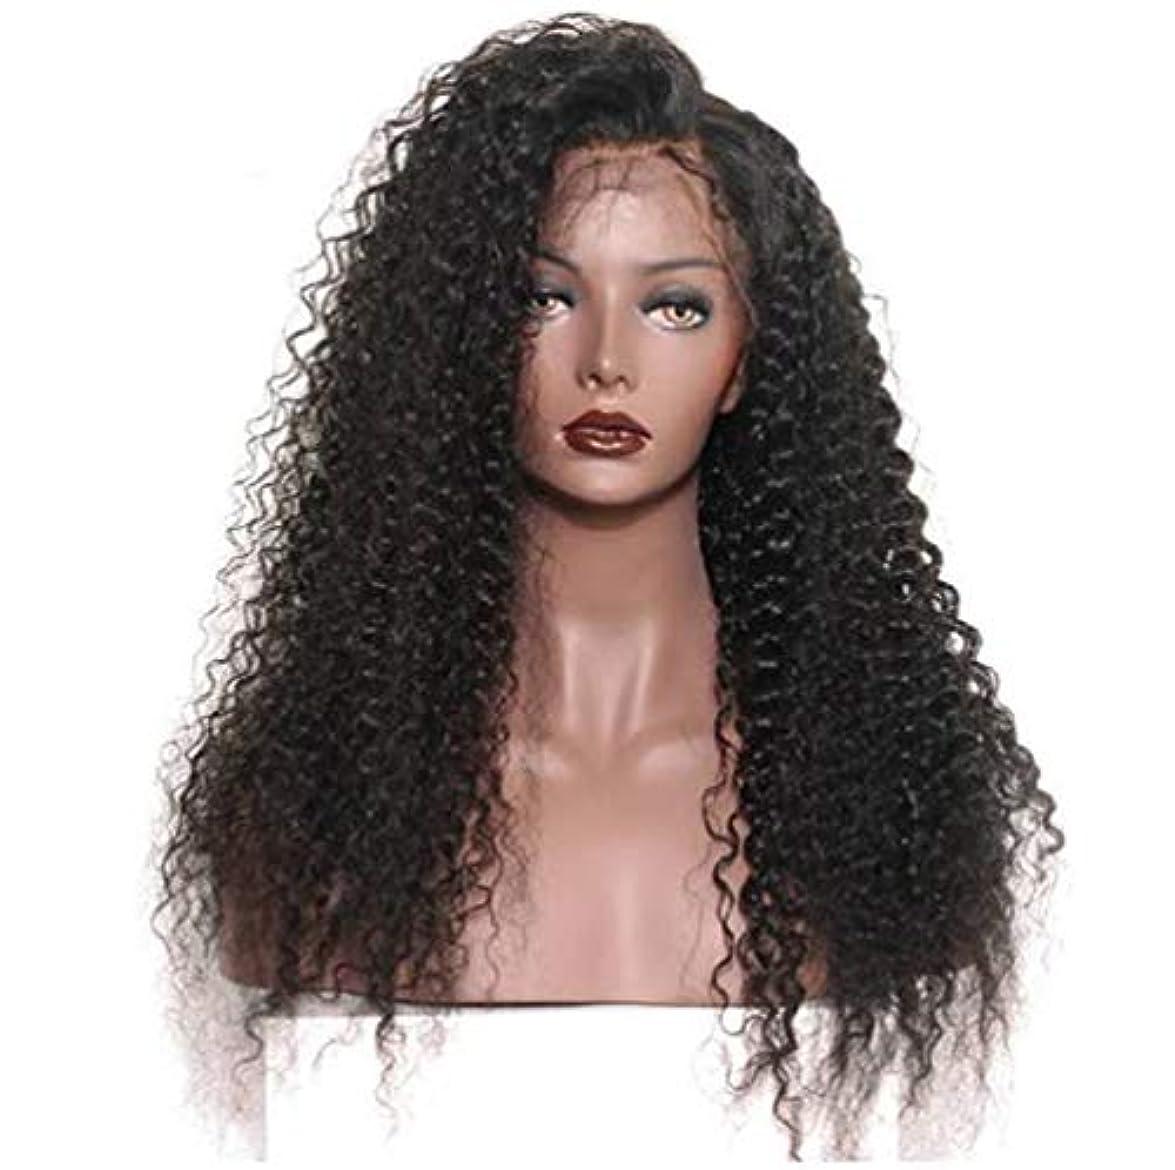 基礎理論サッカーパケット女性のレースフロントかつら人間の髪と赤ちゃんの毛合成ブラジルボディ波バージン毛150%密度黒24インチ